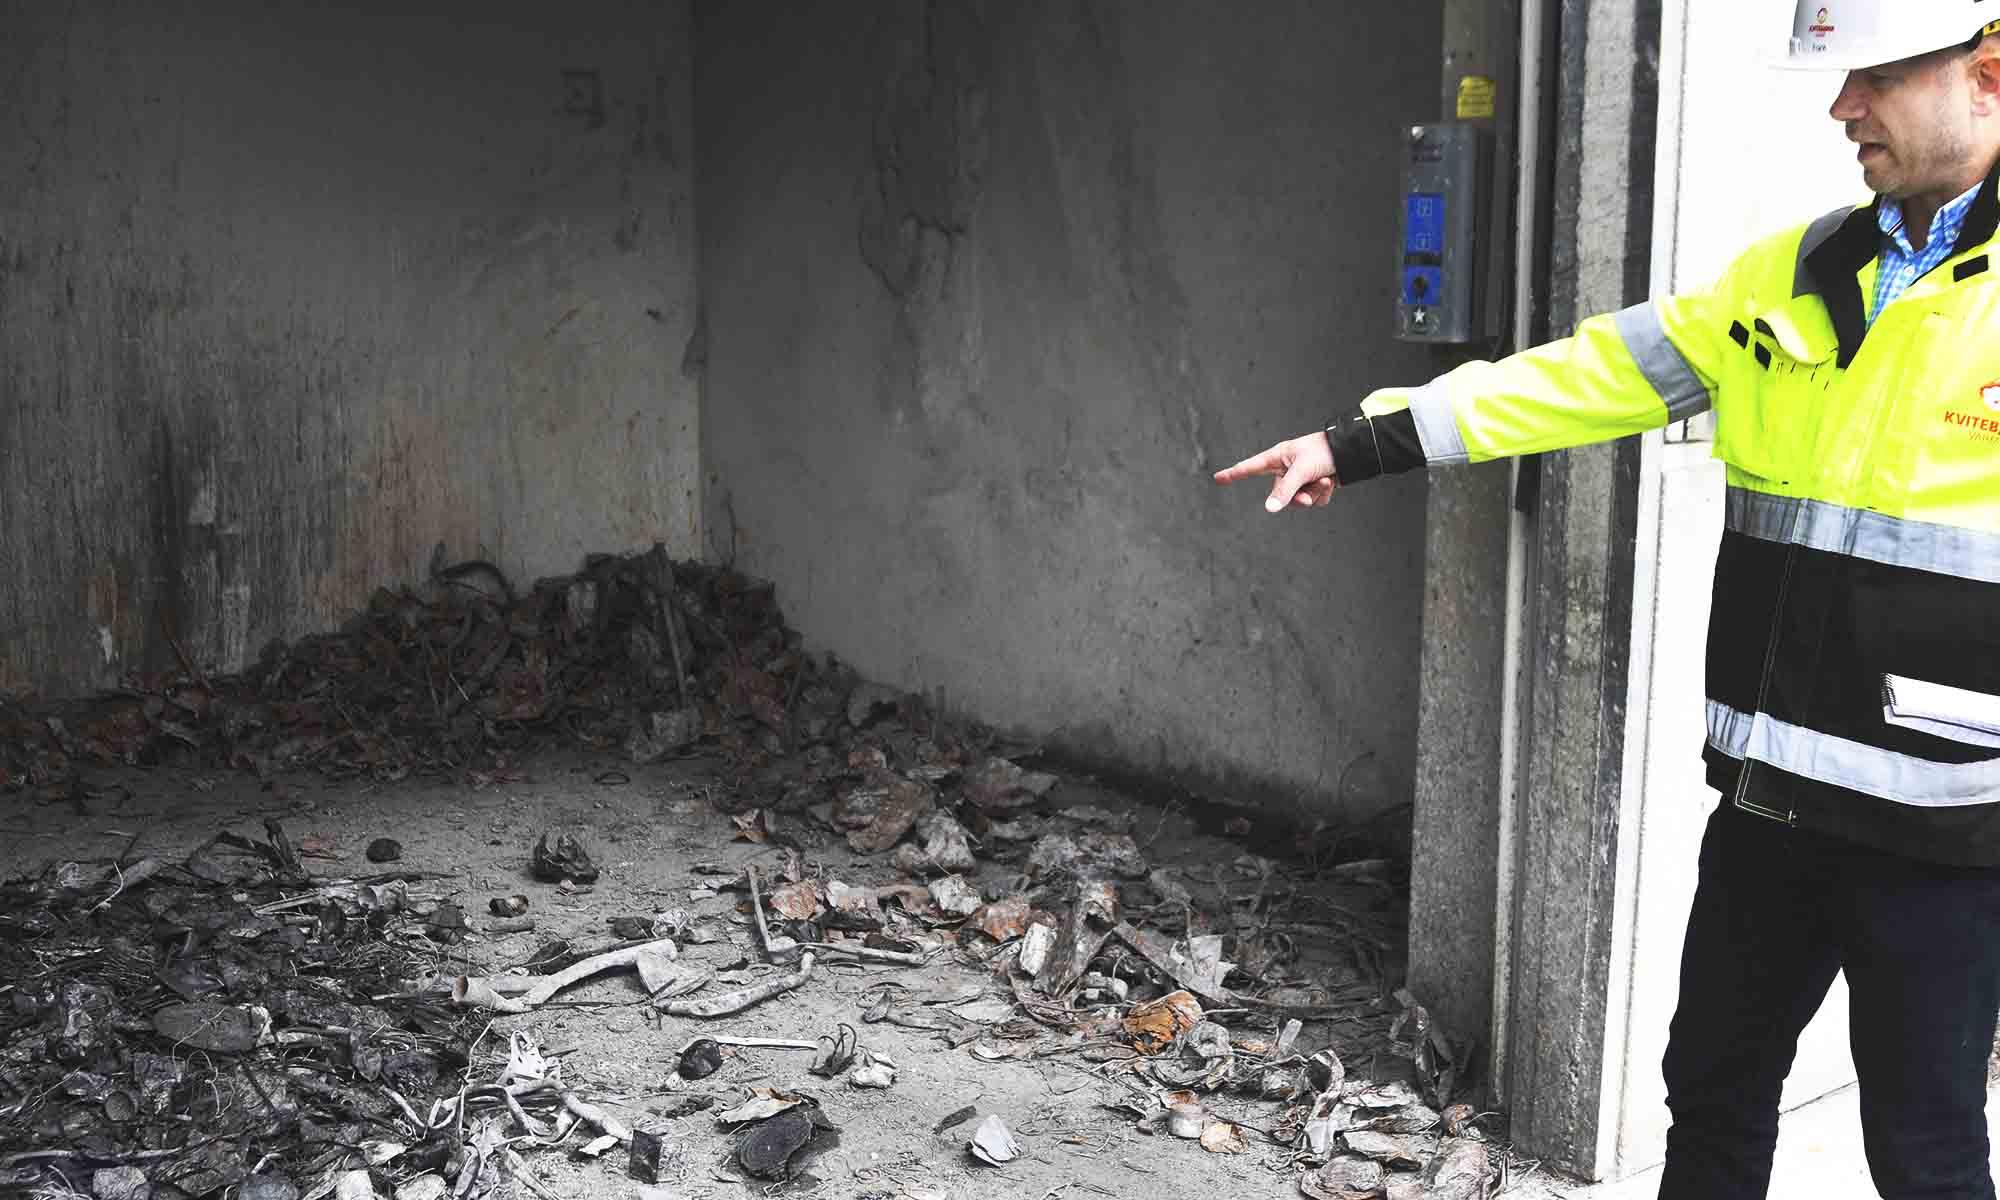 Husholdningsavfall fra Tromsø brennes i anlegget. Dessverre blandes både farlig avfall, jern og metall inn i restavfallet og fører til forurensing.